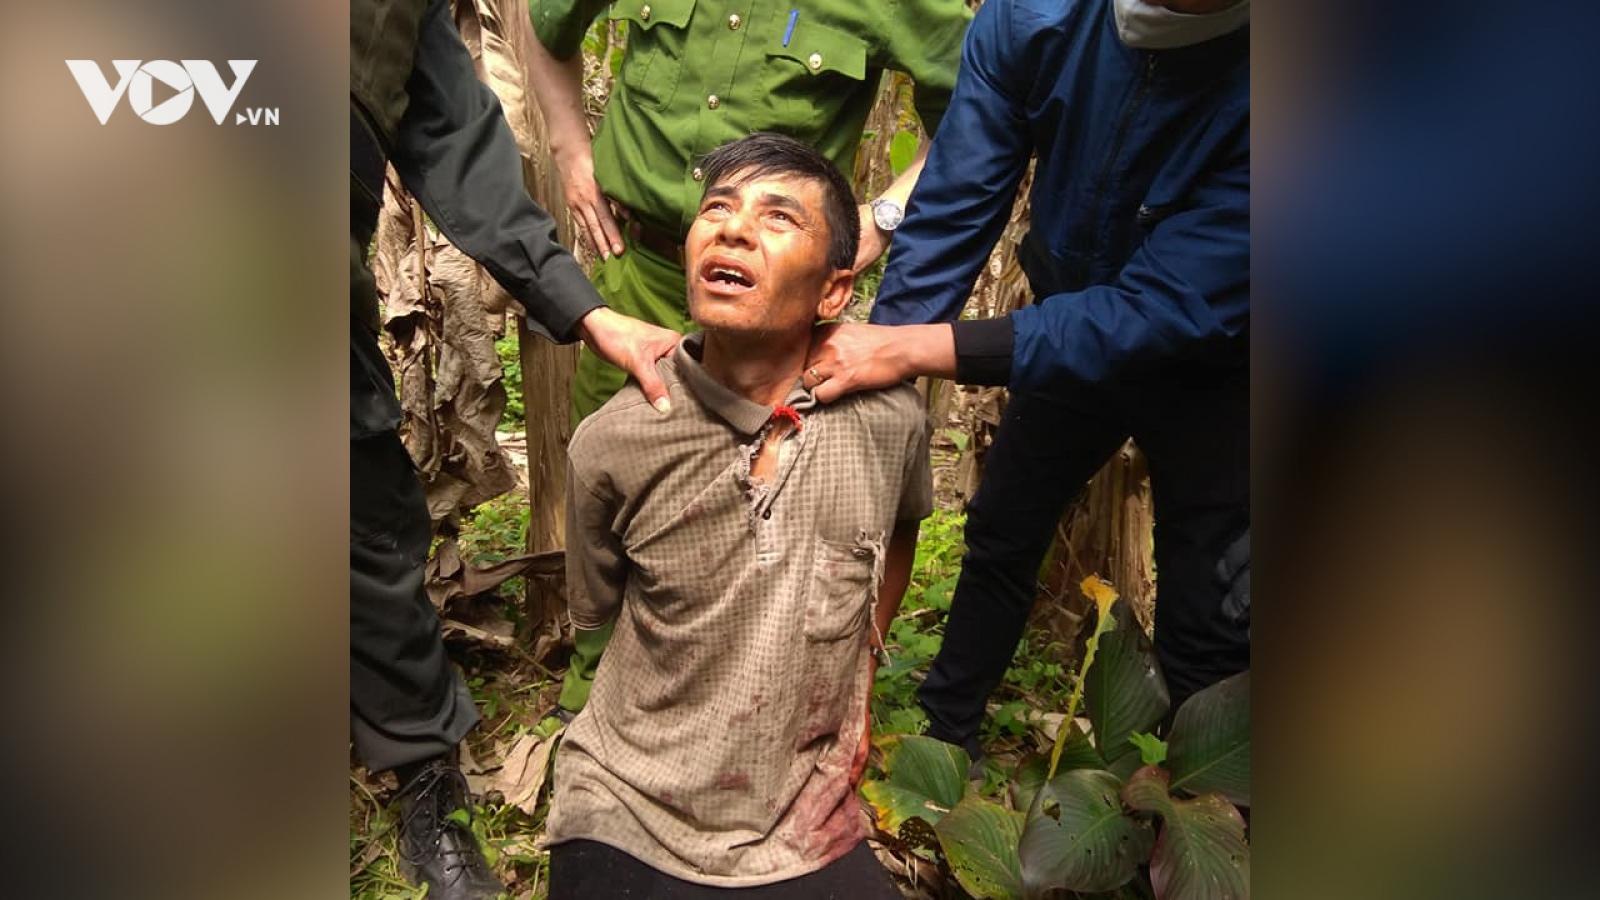 Mâu thuẫn gia đình, con trai hạ sát bố đẻ ở Sơn La